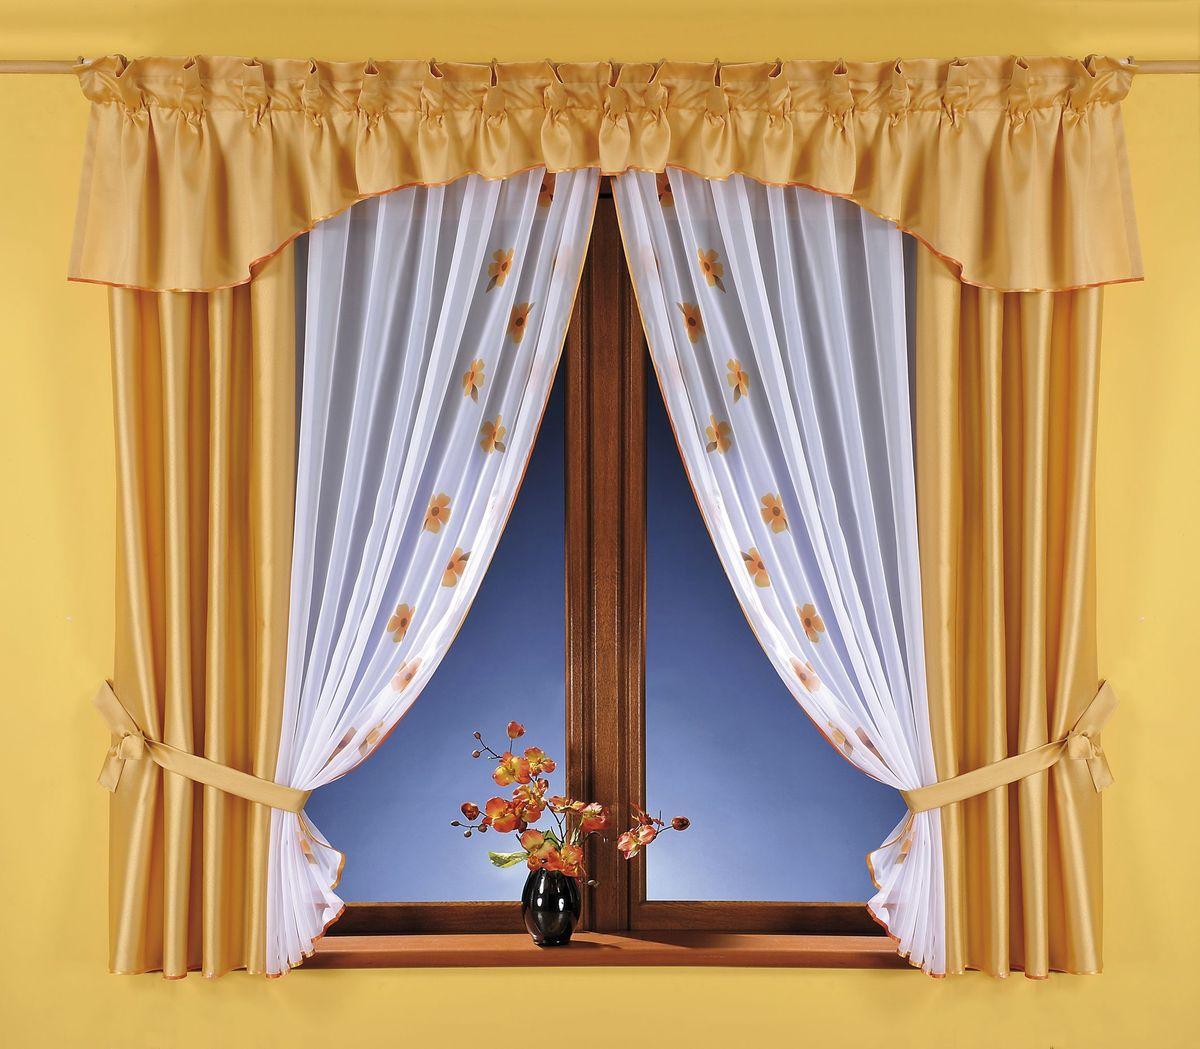 Комплект штор Wisan Swietlana, на ленте, цвет: золотистый, белый, высота 180 смGC013/00Комплект штор Wisan Swietlana выполненный из полиэстера, великолепно украсит любое окно. Комплект состоит из 2 штор, тюля, ламбрекена и 2 подхватов. Тюль выполнен из органзы и украшен цветочным принтом, шторы изготовлены из плотного полиэстера. Оригинальный дизайн и контрастная цветовая гамма привлекут к себе внимание и органично впишутся в интерьер комнаты. Все предметы комплекта оснащены шторной лентой для красивой драпировки. В комплект входит: Штора - 2 шт. Размер (ШхВ): 80 см х 180 см. Тюль - 1 шт. Размер (ШхВ): 160 см х 180 см. Ламбрекен - 1 шт. Размер (ШхВ): 500 см х 50 см.Подхваты - 2 шт. Фирма Wisan на польском рынке существует уже более пятидесяти лет и является одной из лучших польских фабрик по производству штор и тканей. Ассортимент фирмы представлен готовыми комплектами штор для гостиной, детской, кухни, а также текстилем для кухни (скатерти, салфетки, дорожки, кухонные занавески). Модельный ряд отличает оригинальный дизайн, высокое качество. Ассортимент продукции постоянно пополняется.